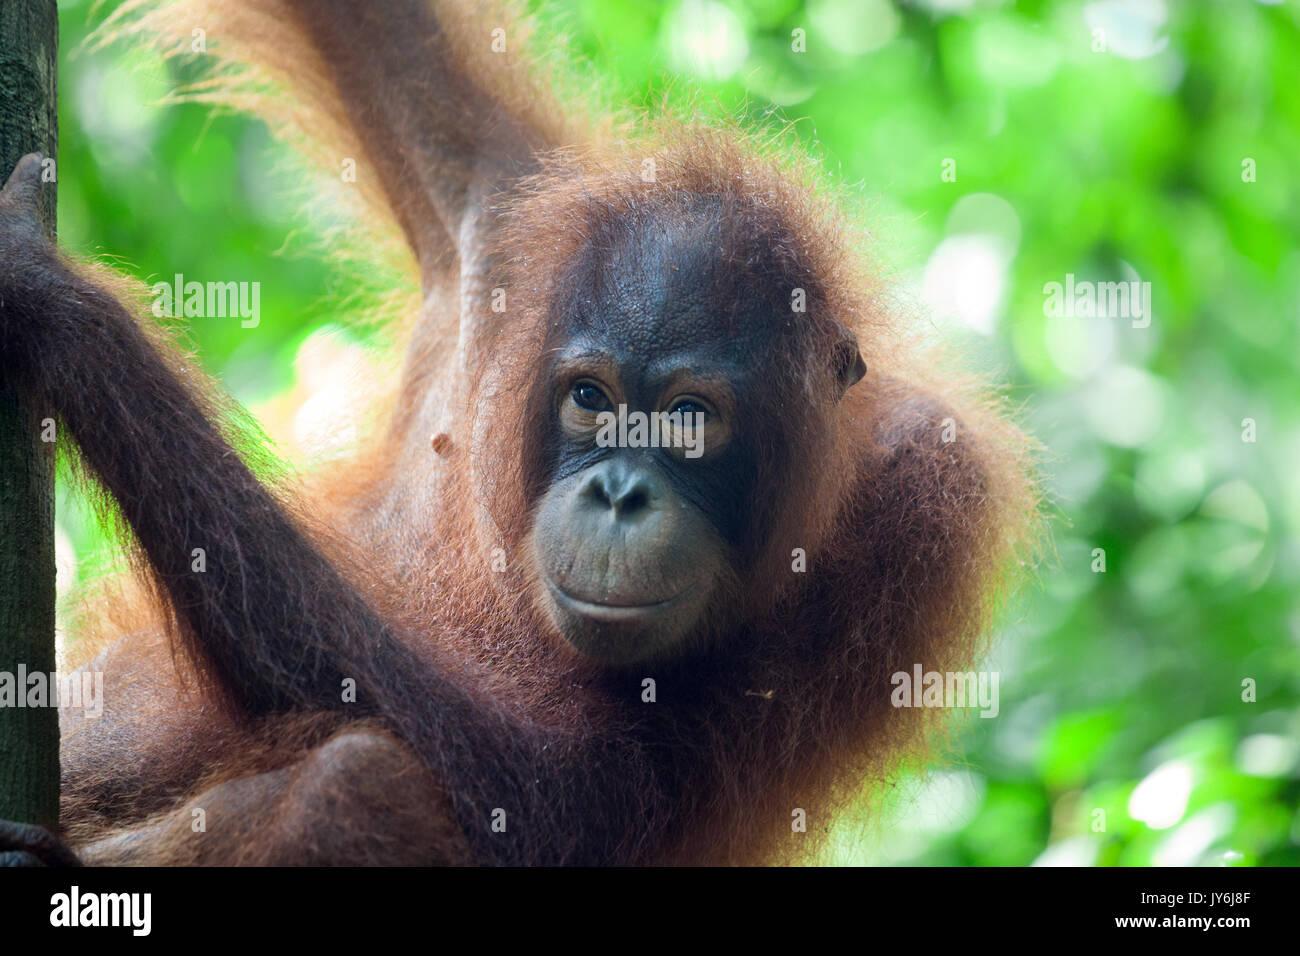 Orang-outan (Pongo pygmaeus) dans l'arbre, la réserve forestière de Sepilok, Sabah, Bornéo, Malaisie Photo Stock